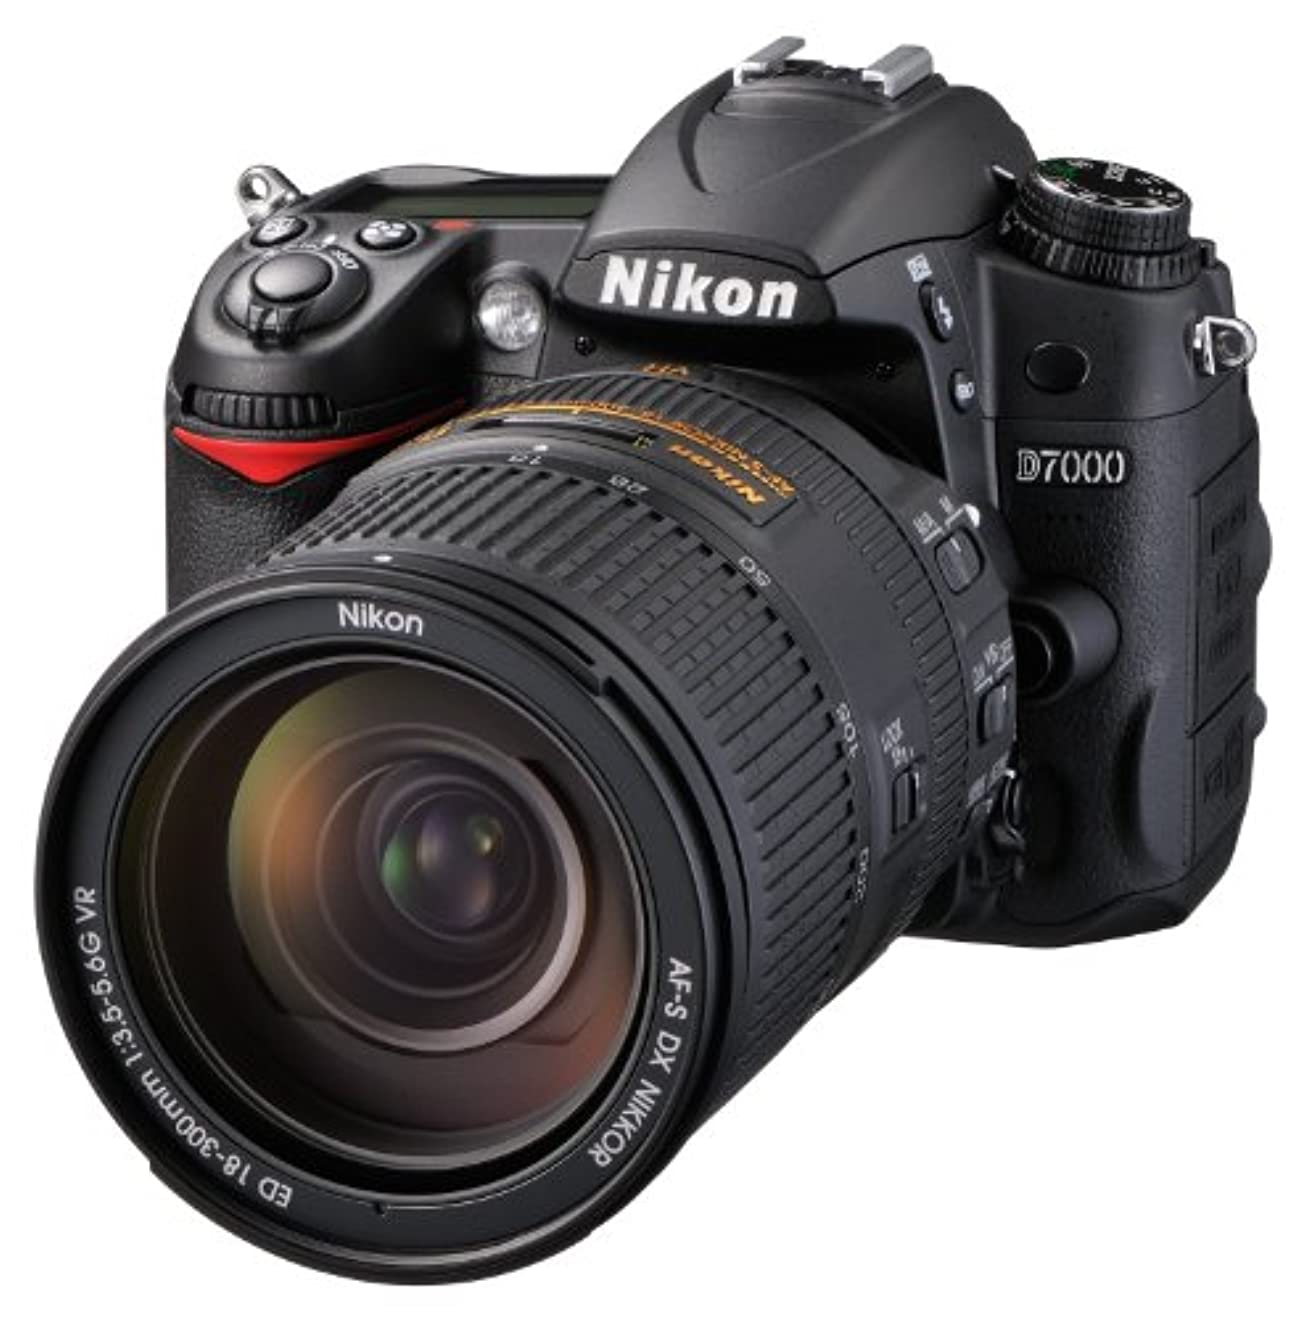 ウールマダムフリルNikon デジタル一眼レフカメラ D7000 スーパーズームキット  AF-S DX NIKKOR 18-300mm f/3.5-5.6G ED VR付属  D7000 LK18-300